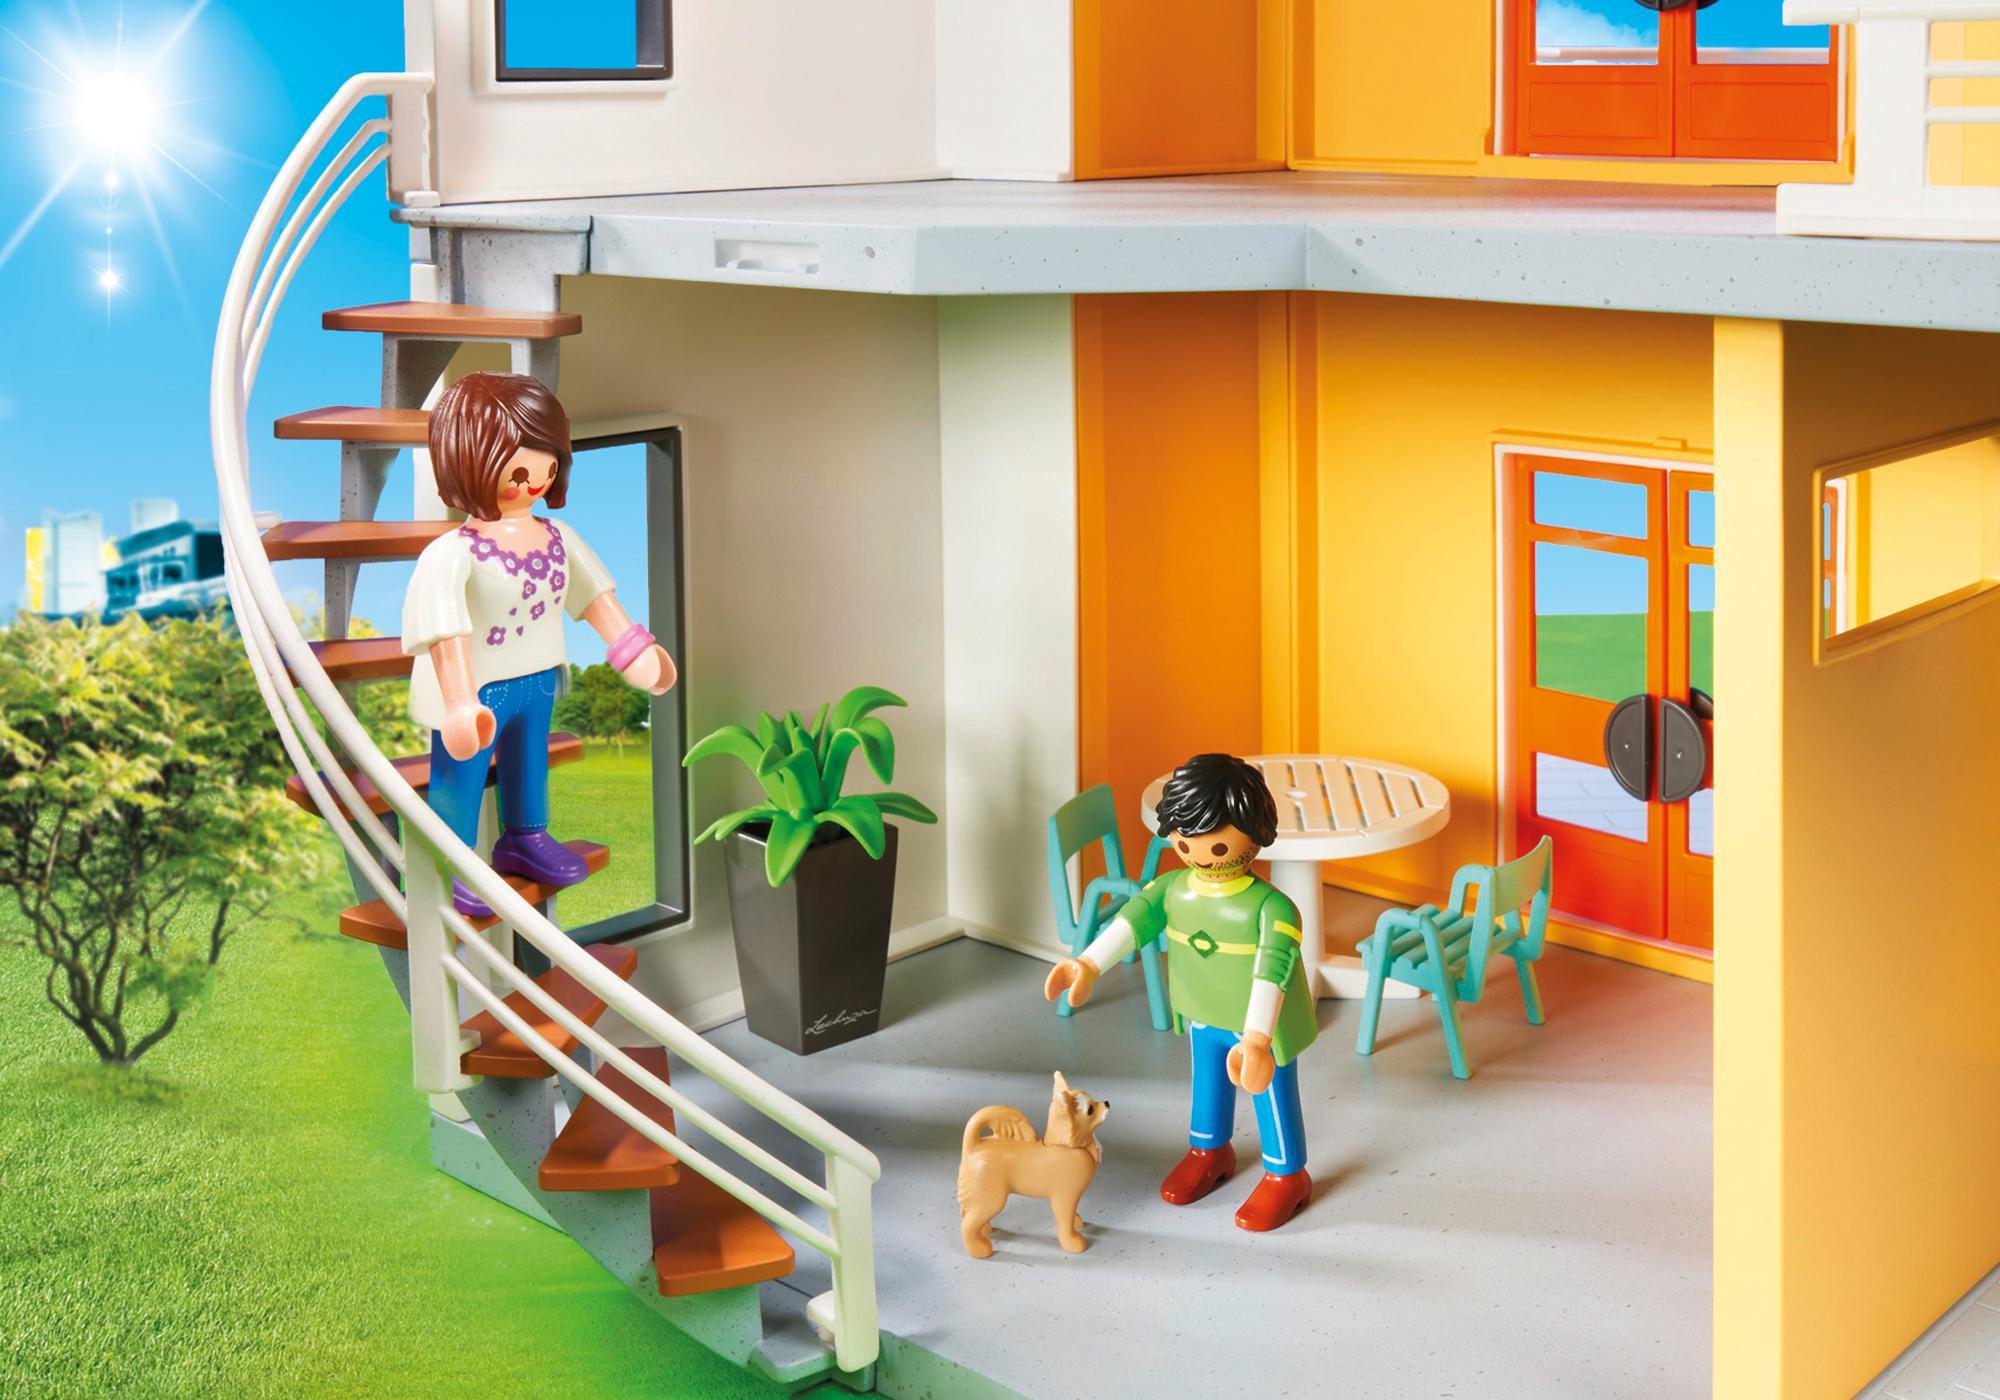 http://media.playmobil.com/i/playmobil/9266_product_extra2/Modernes Wohnhaus